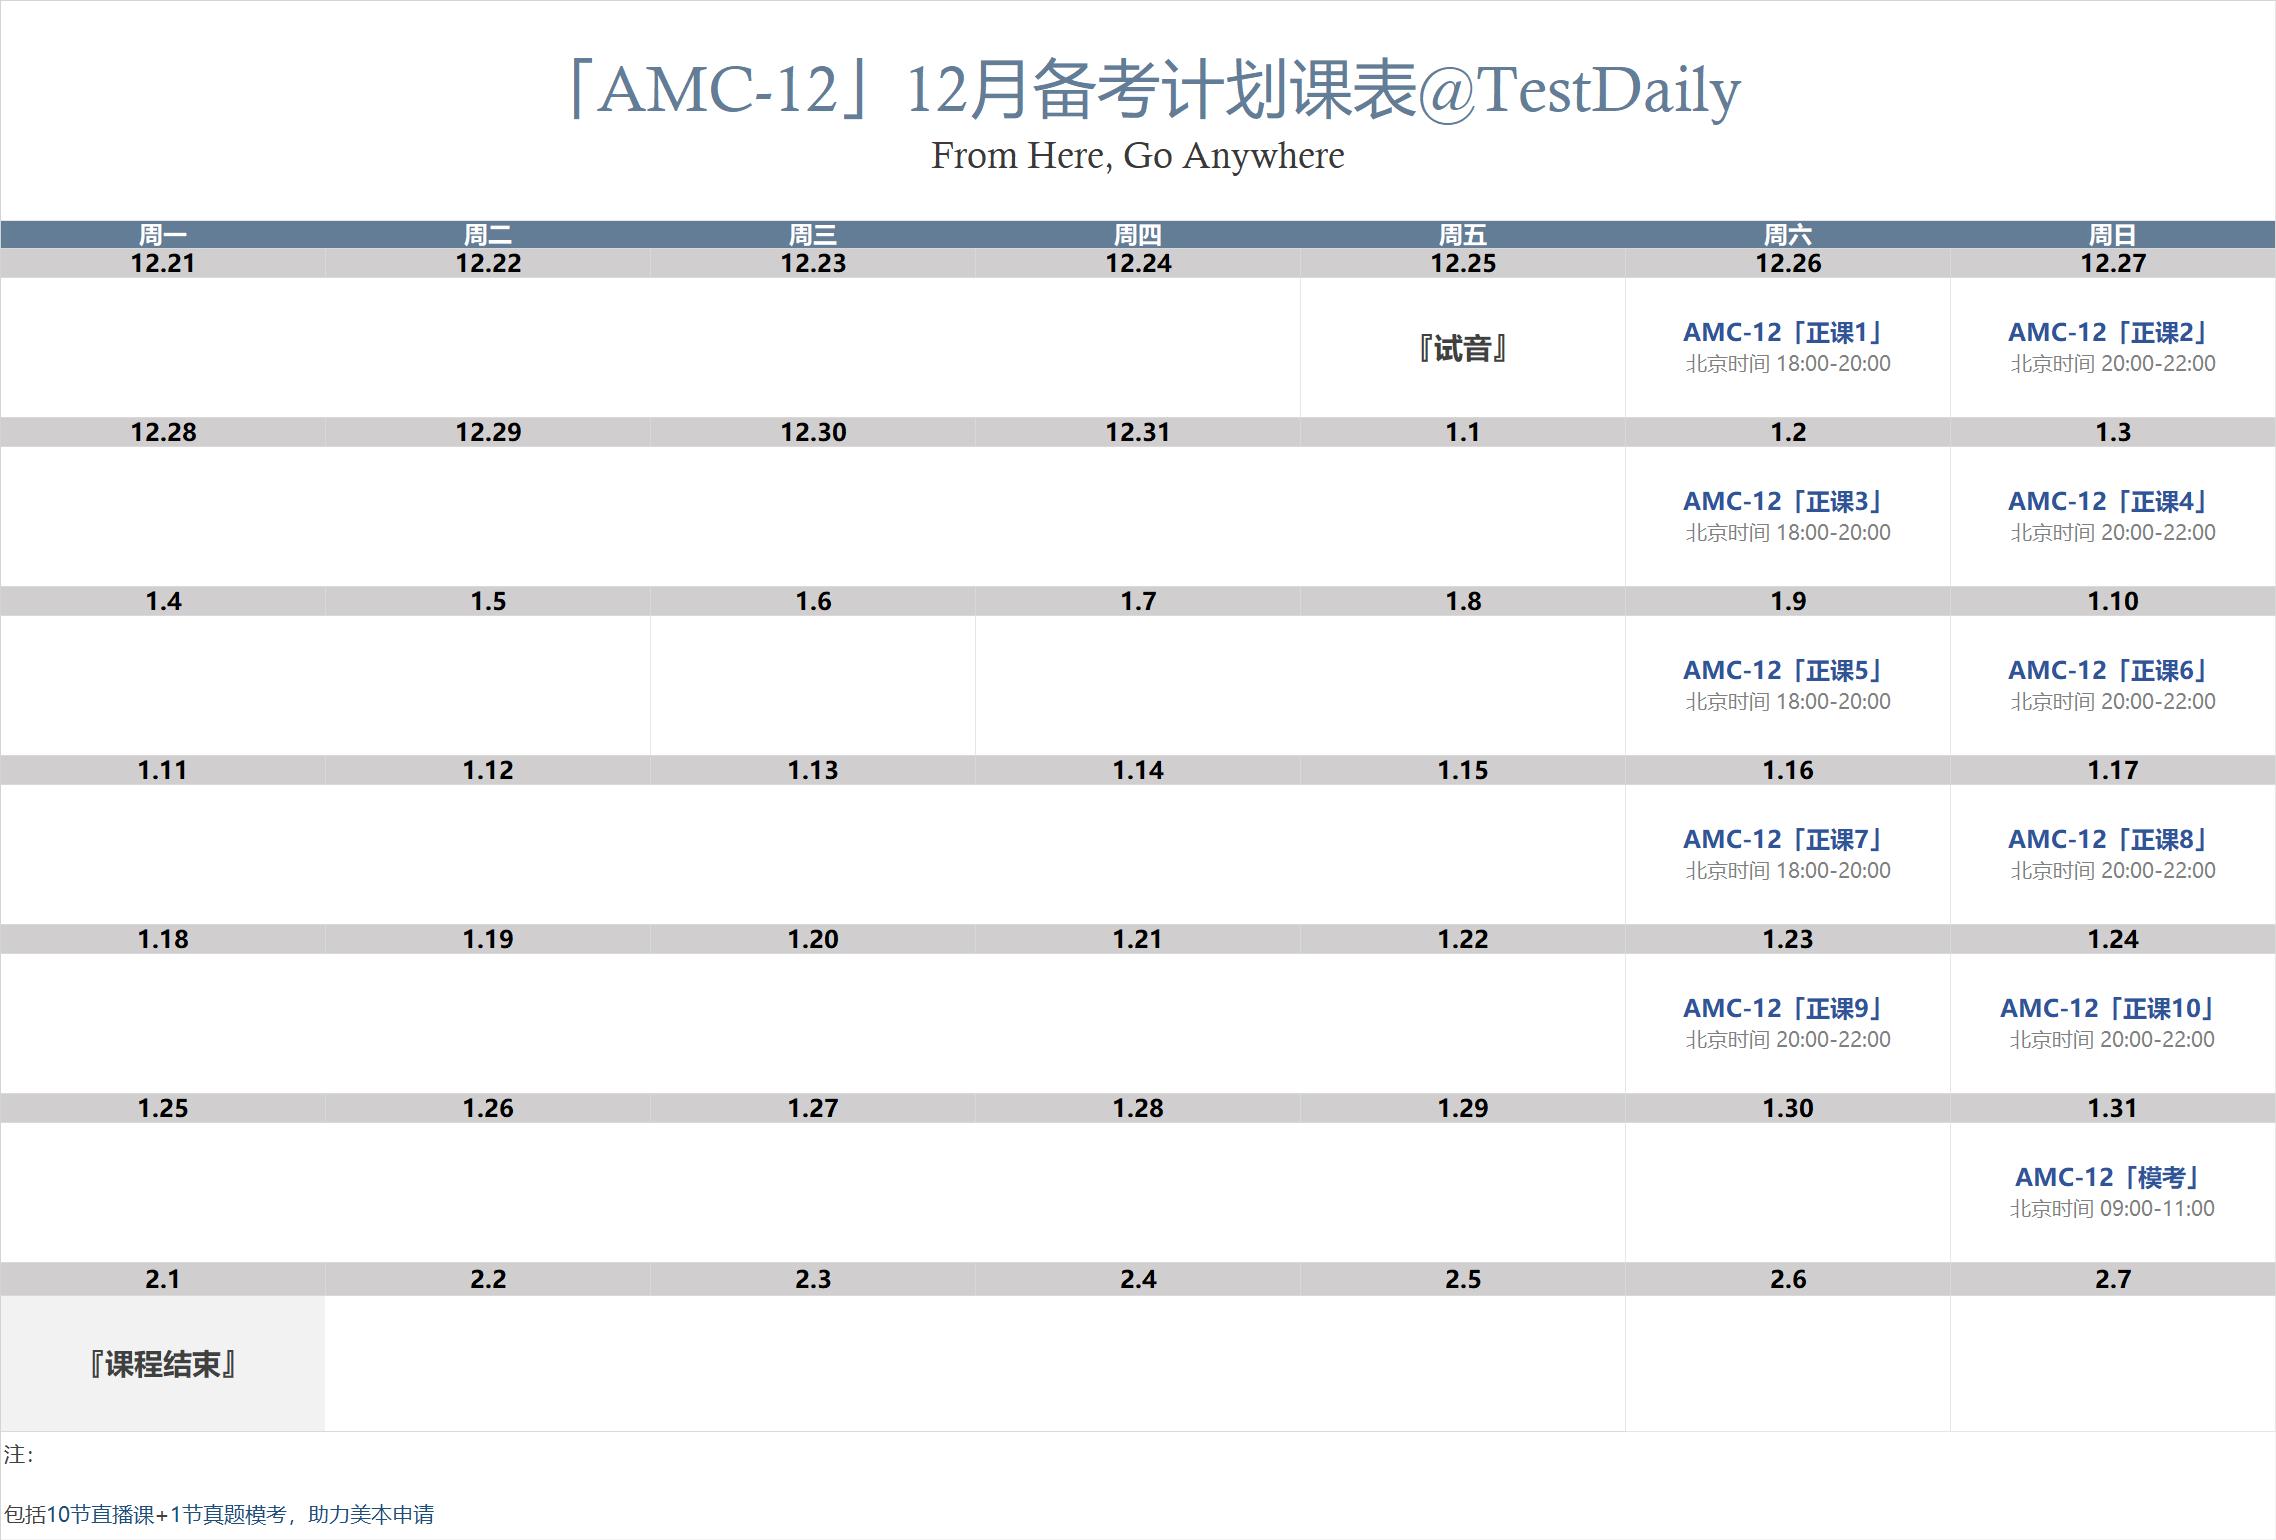 AMC美国数学竞赛,申请美国名校重要指标之一,现在了解还不晚!-AMC-12备考计划